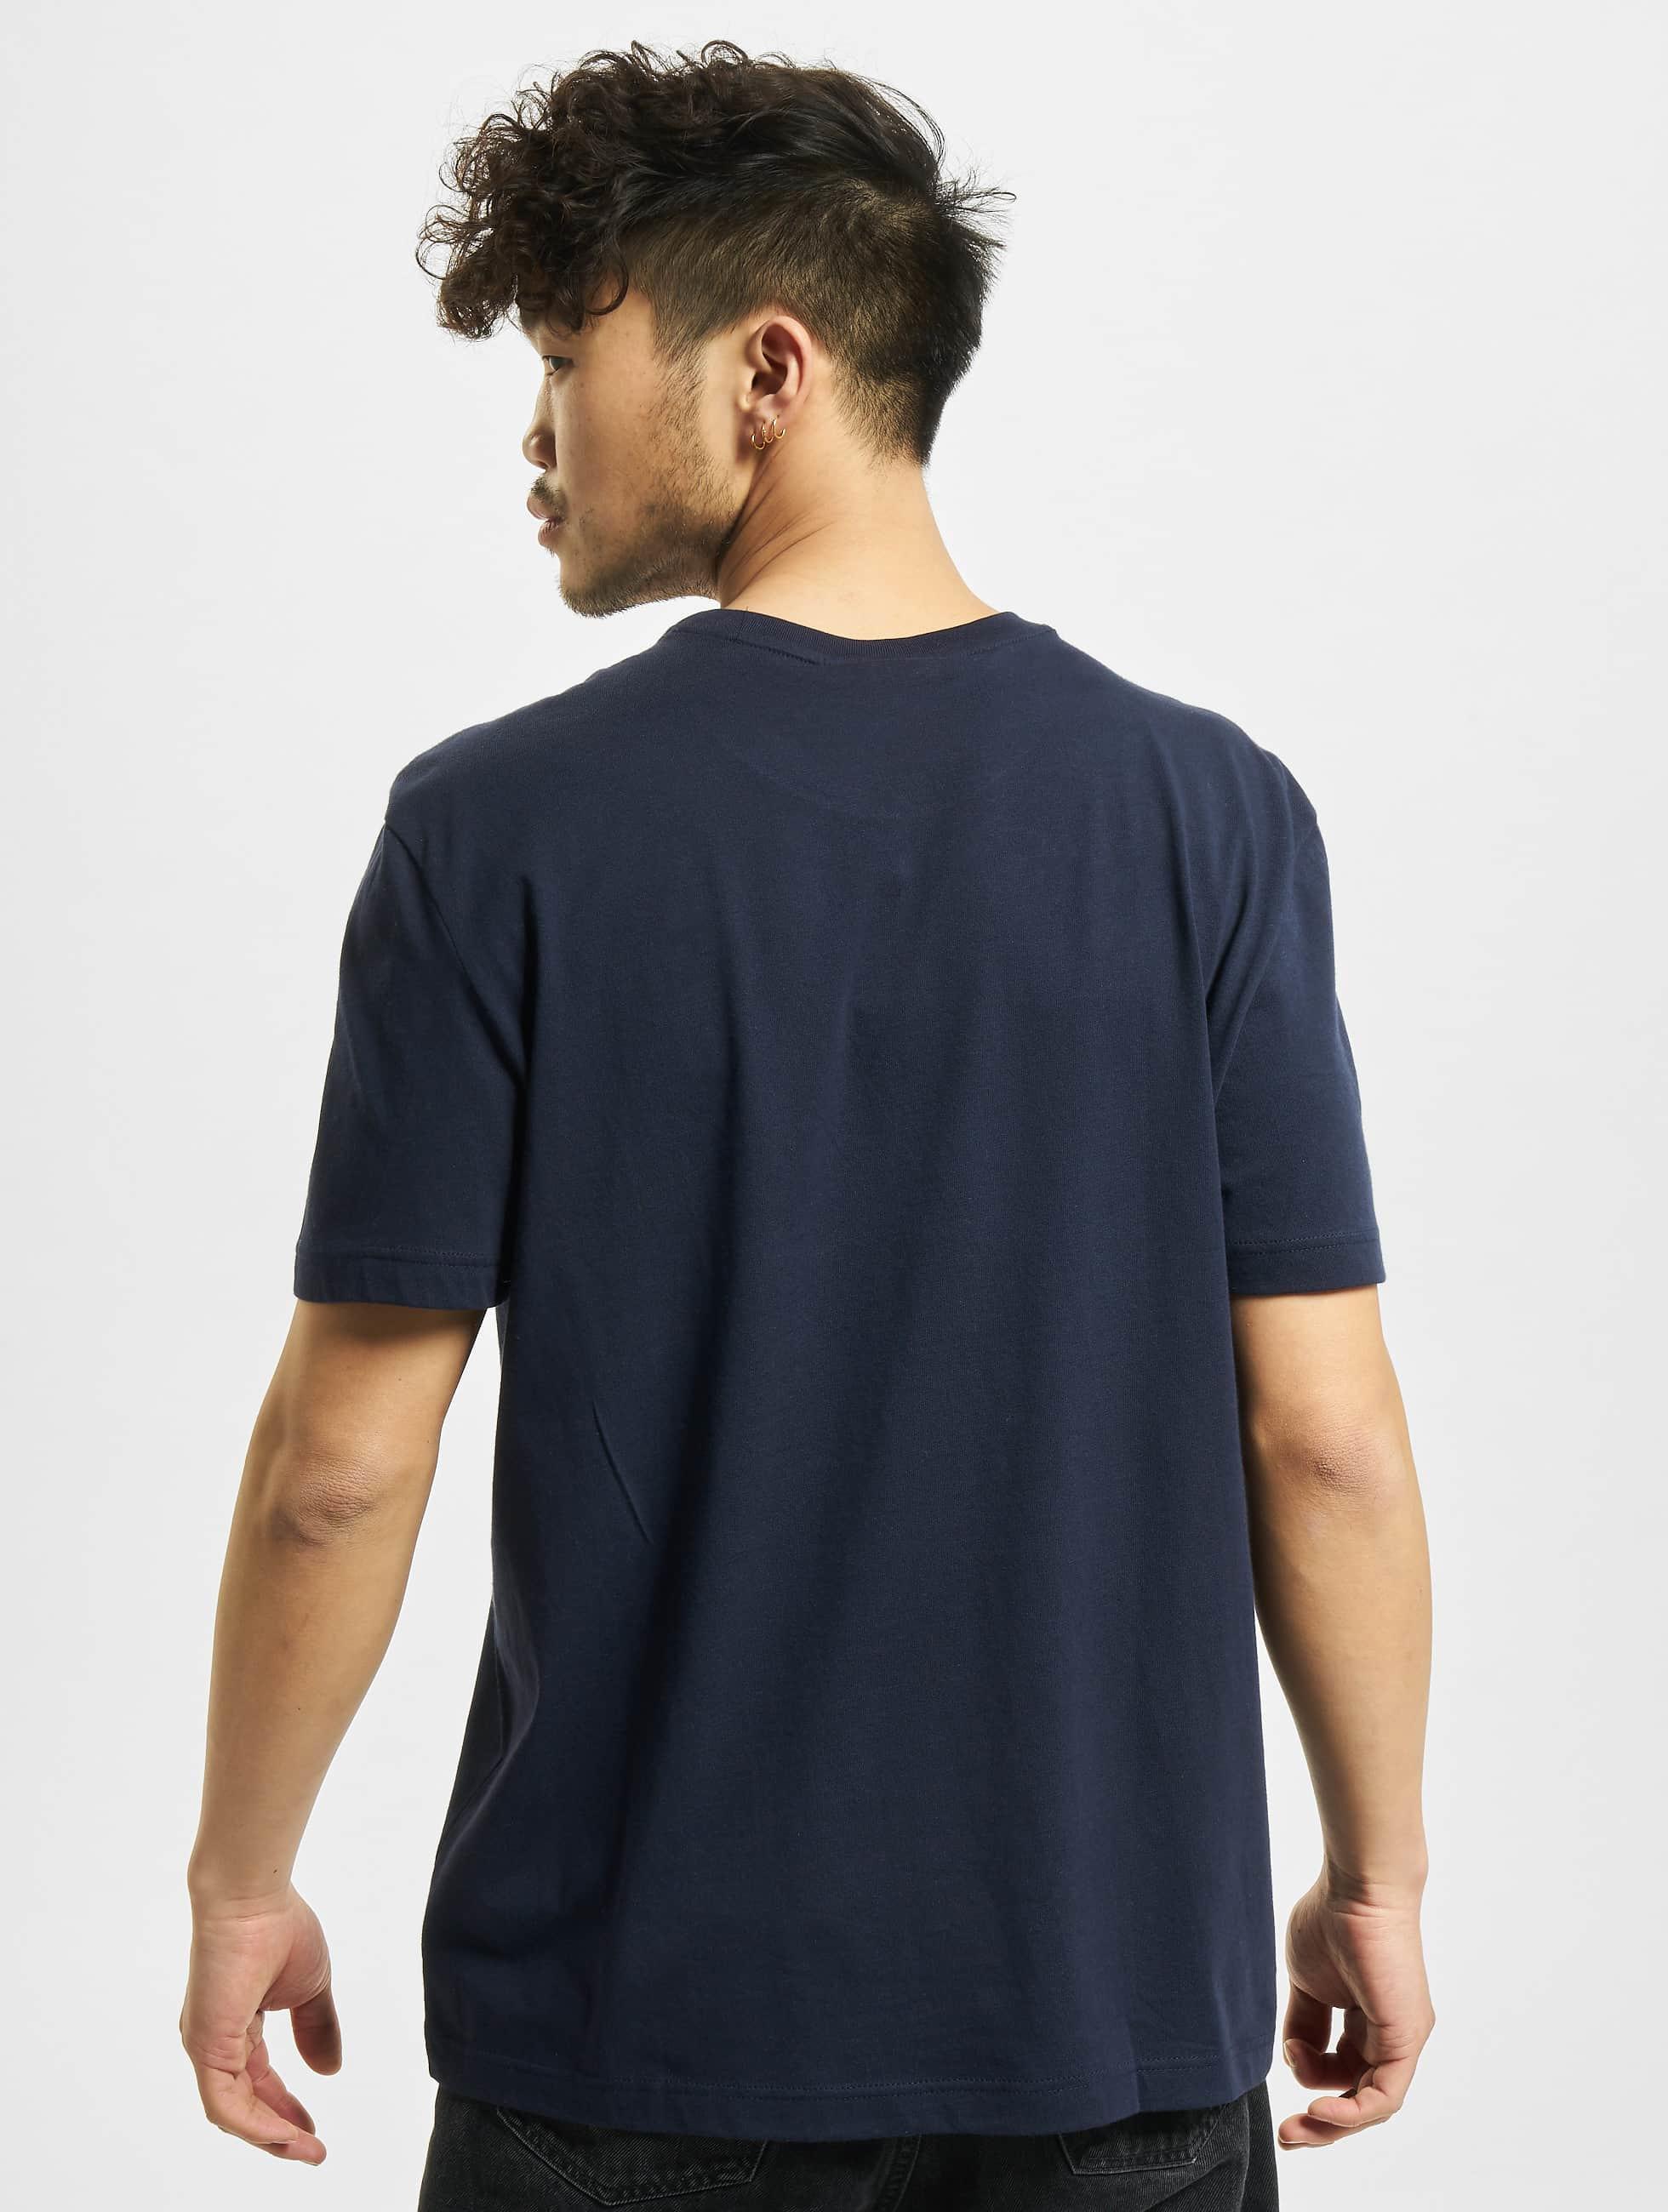 lacoste basic bleu homme t shirt 163989. Black Bedroom Furniture Sets. Home Design Ideas